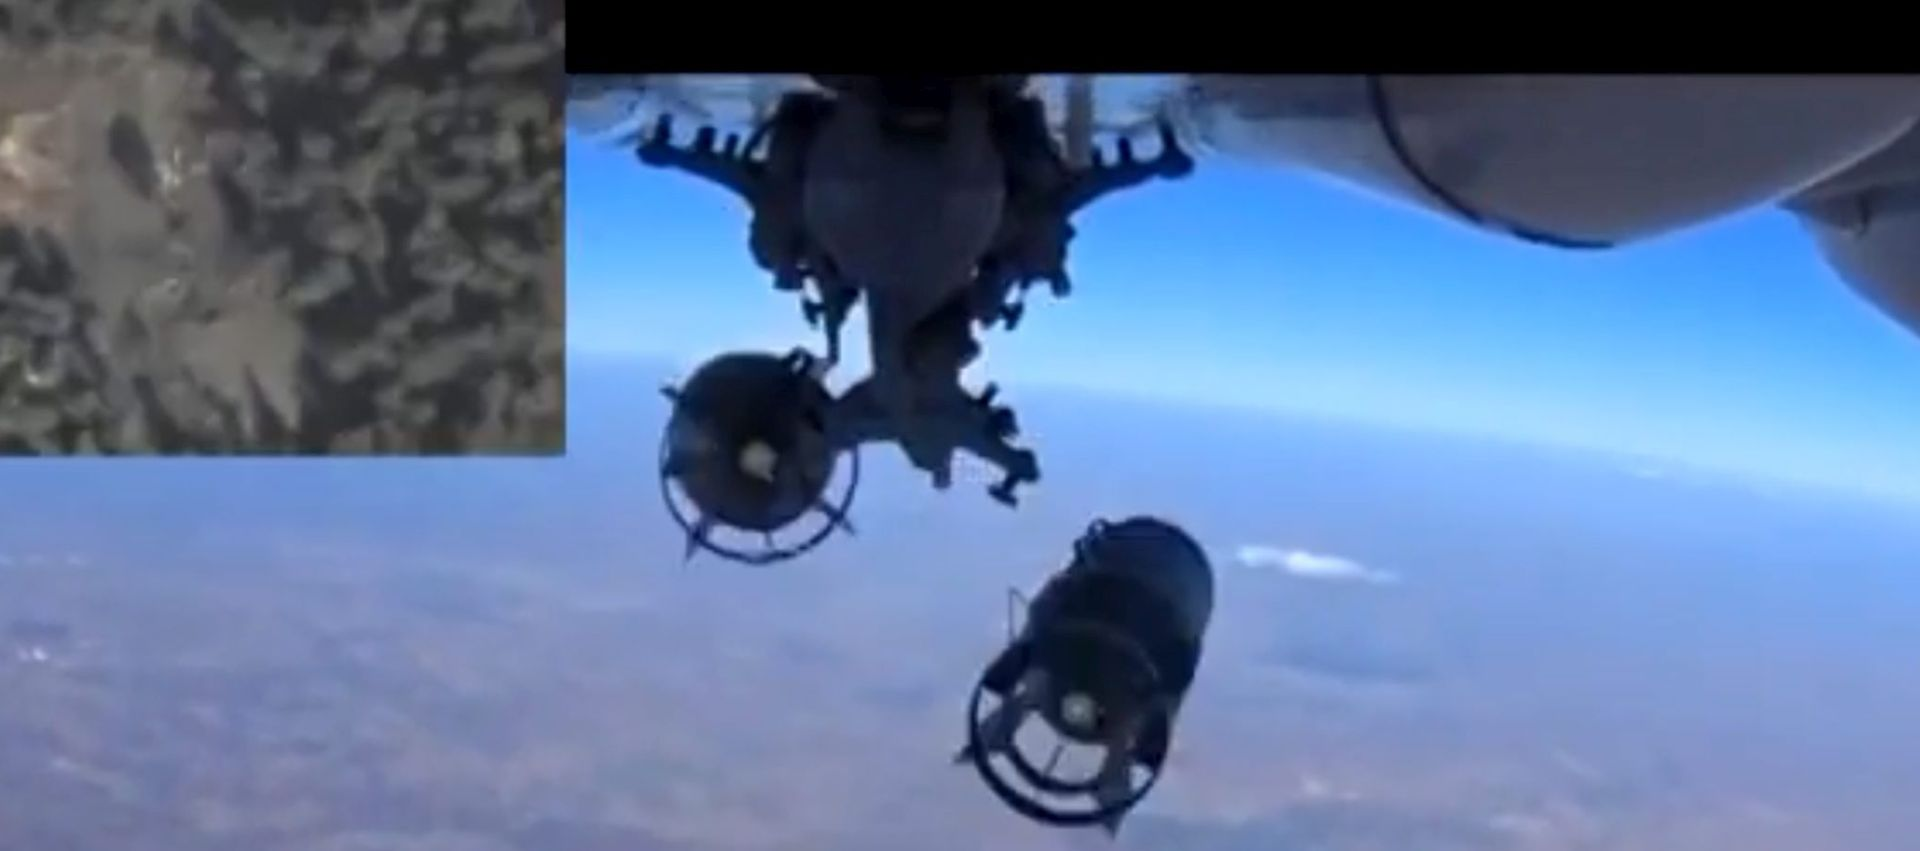 PROTIV ASADA: EU poziva Rusiju da hitno prestane s napadima na umjerenu sirijsku oporbu